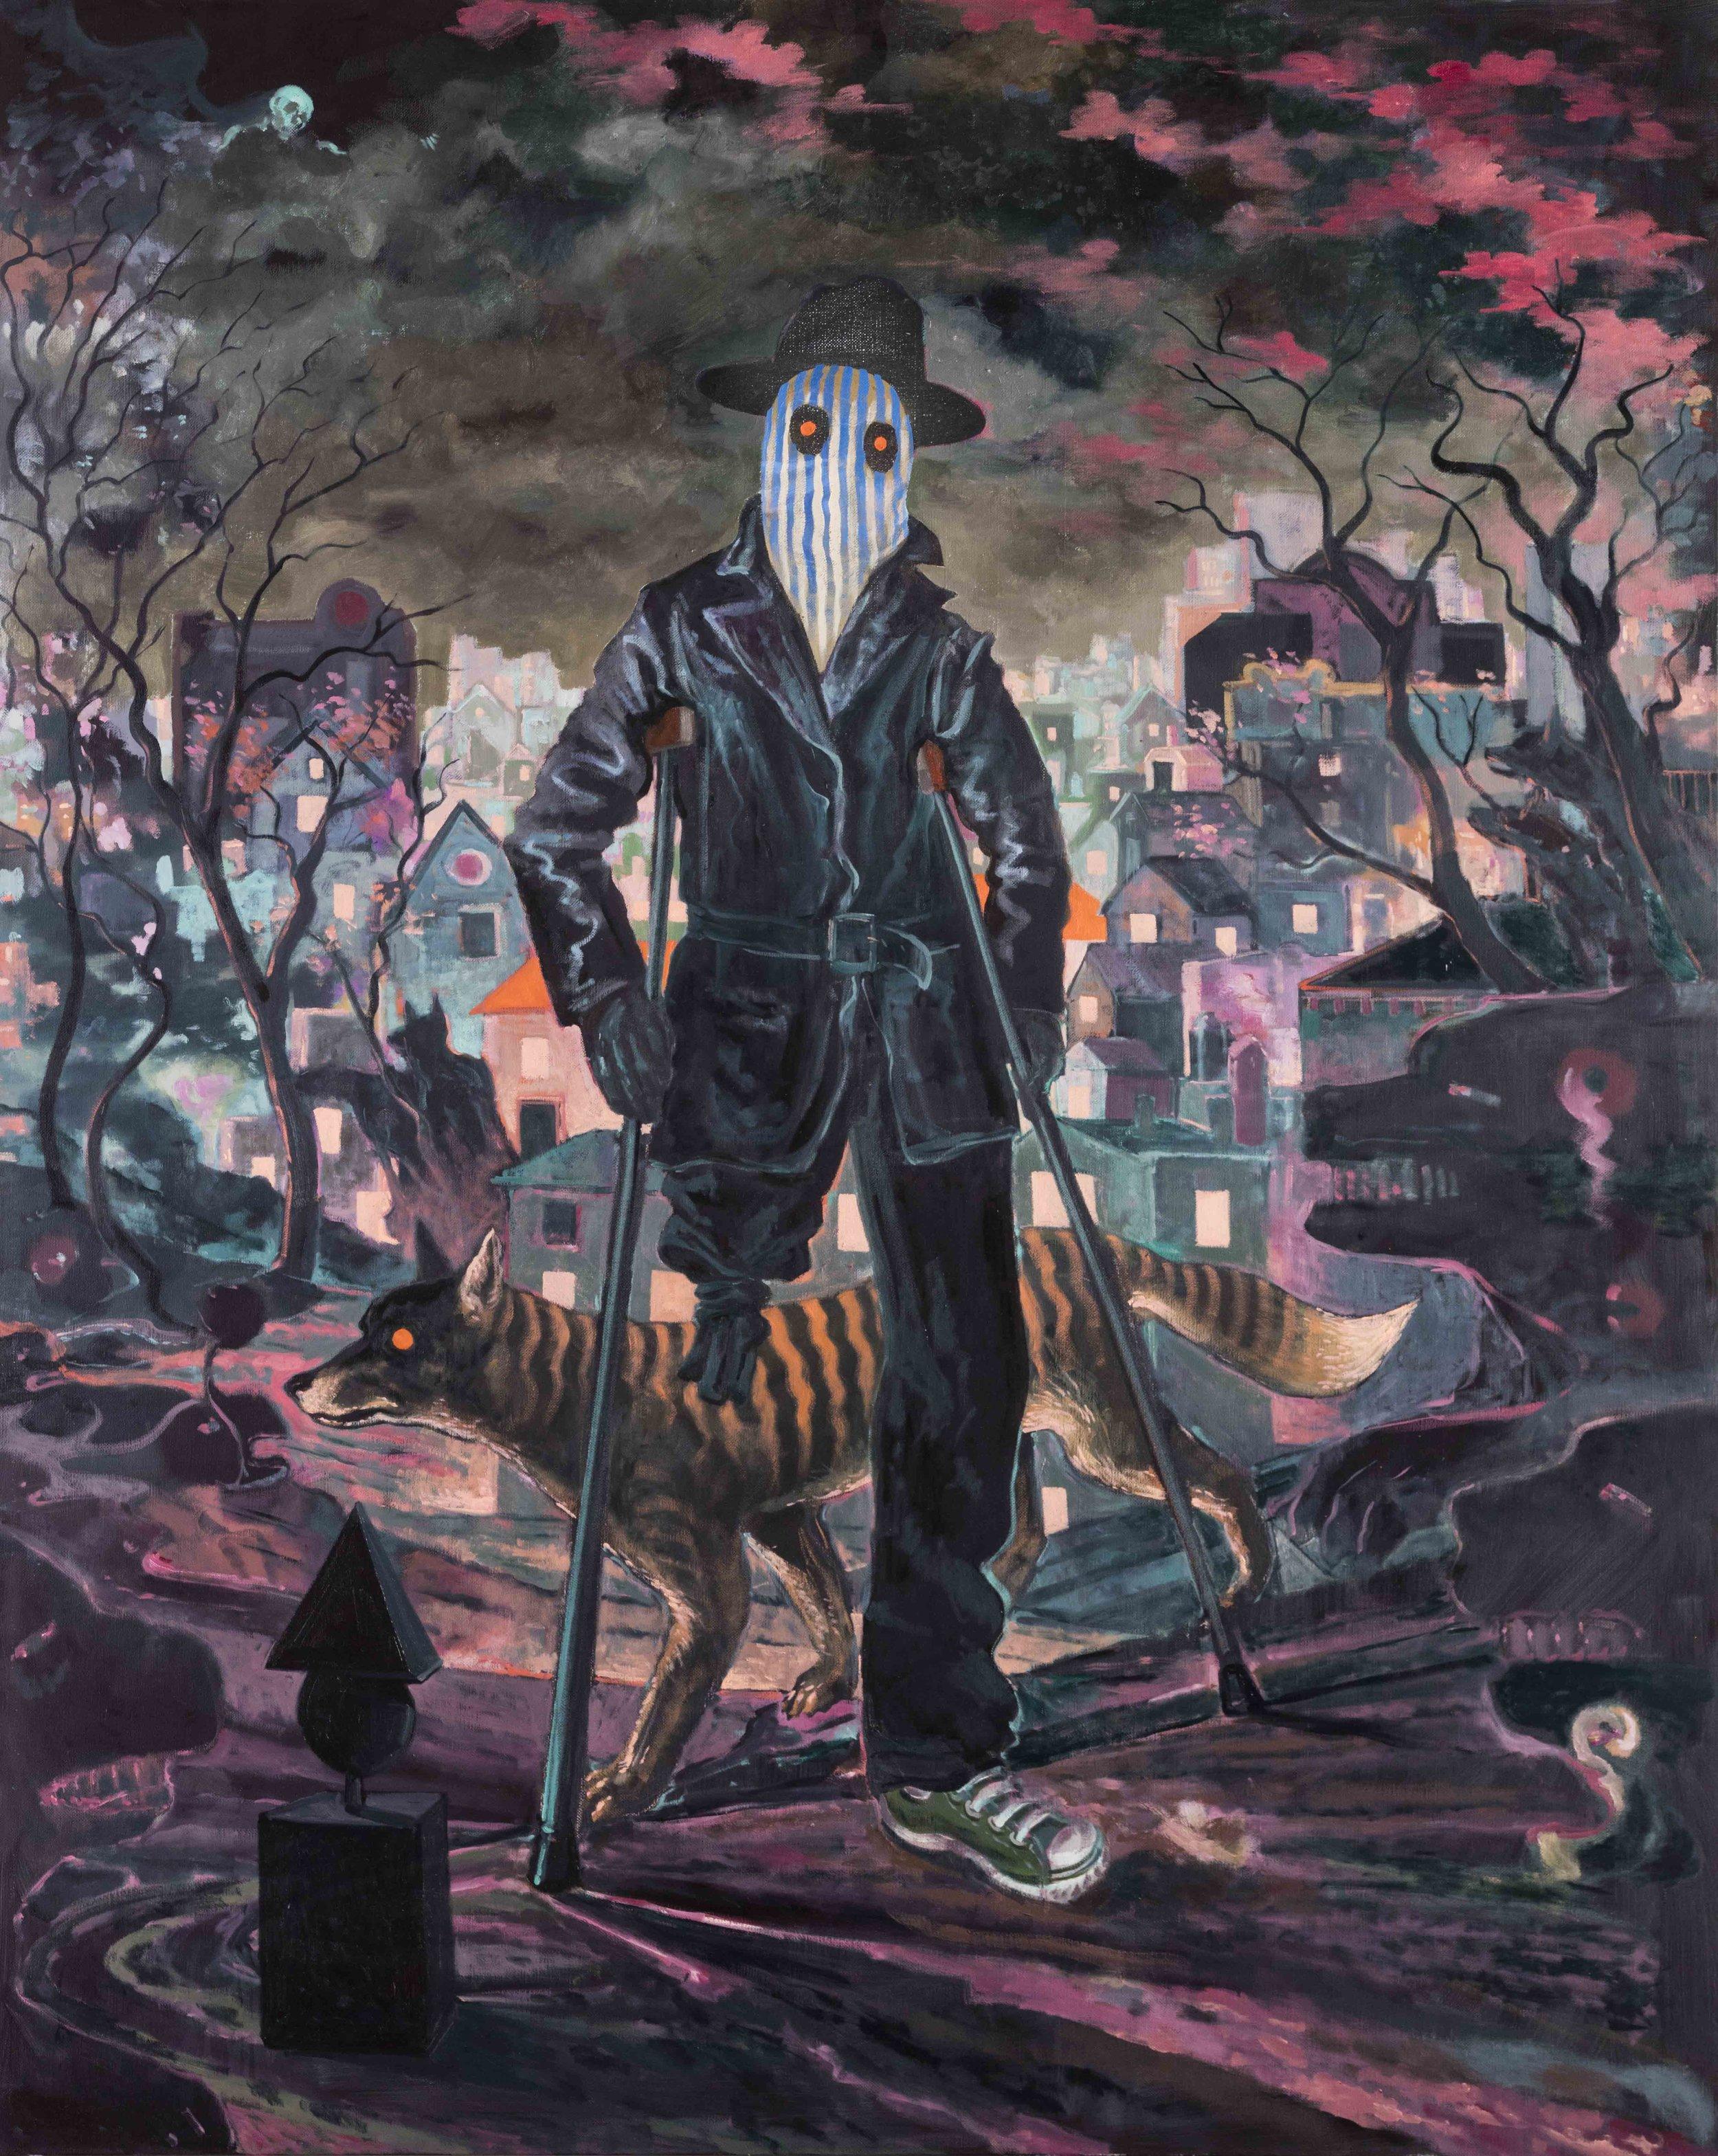 Michael Vale, The Drifter's Escape , 2015/16, oil on linen, 152 x 122cm